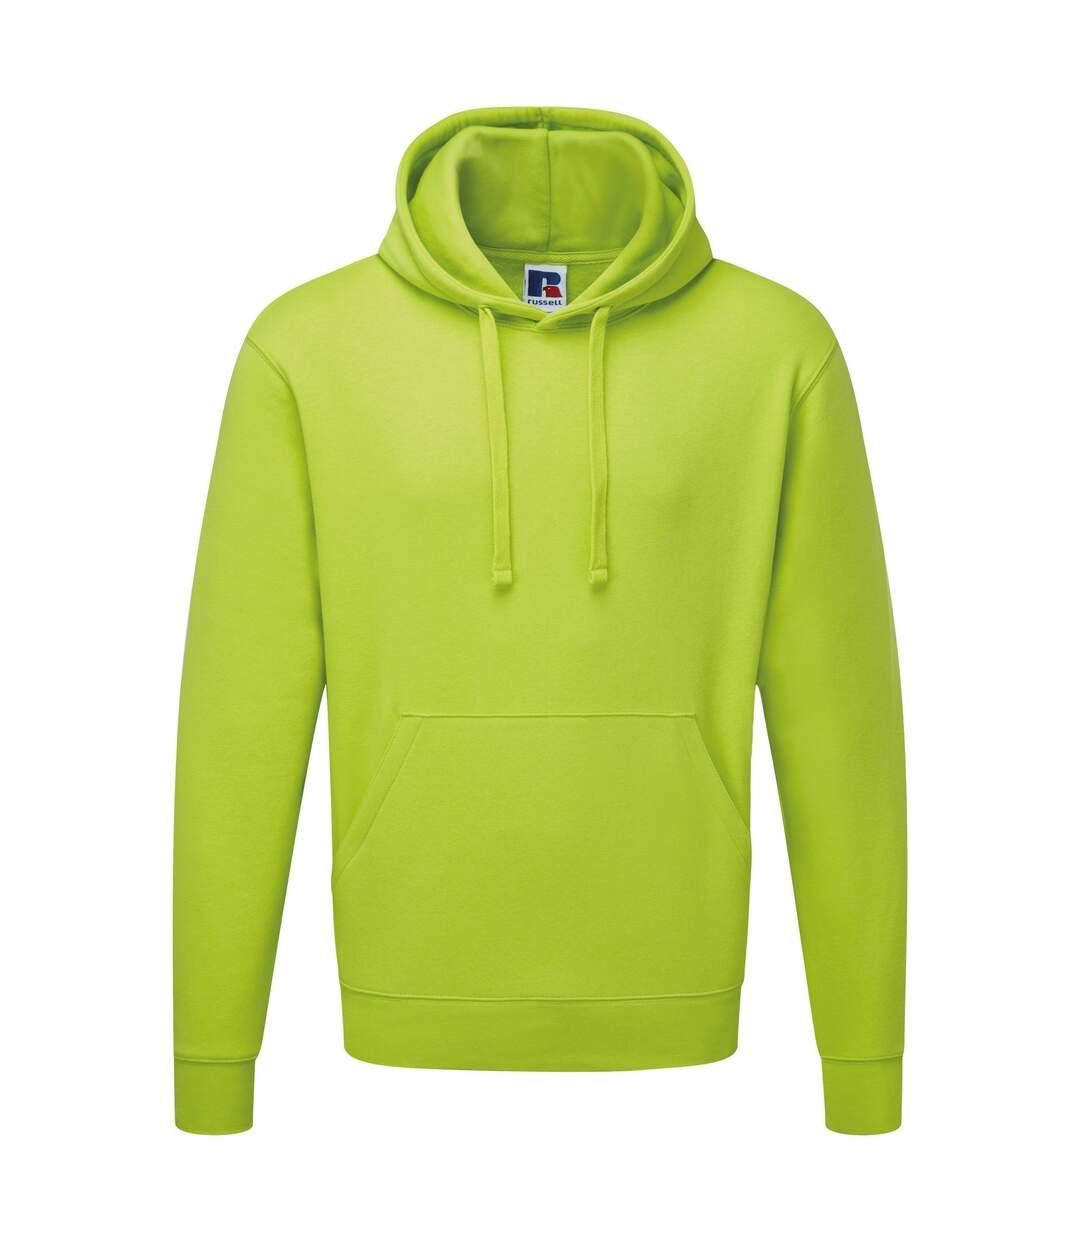 Russell Mens Authentic Hooded Sweatshirt / Hoodie (Convoy Grey) - UTBC1498